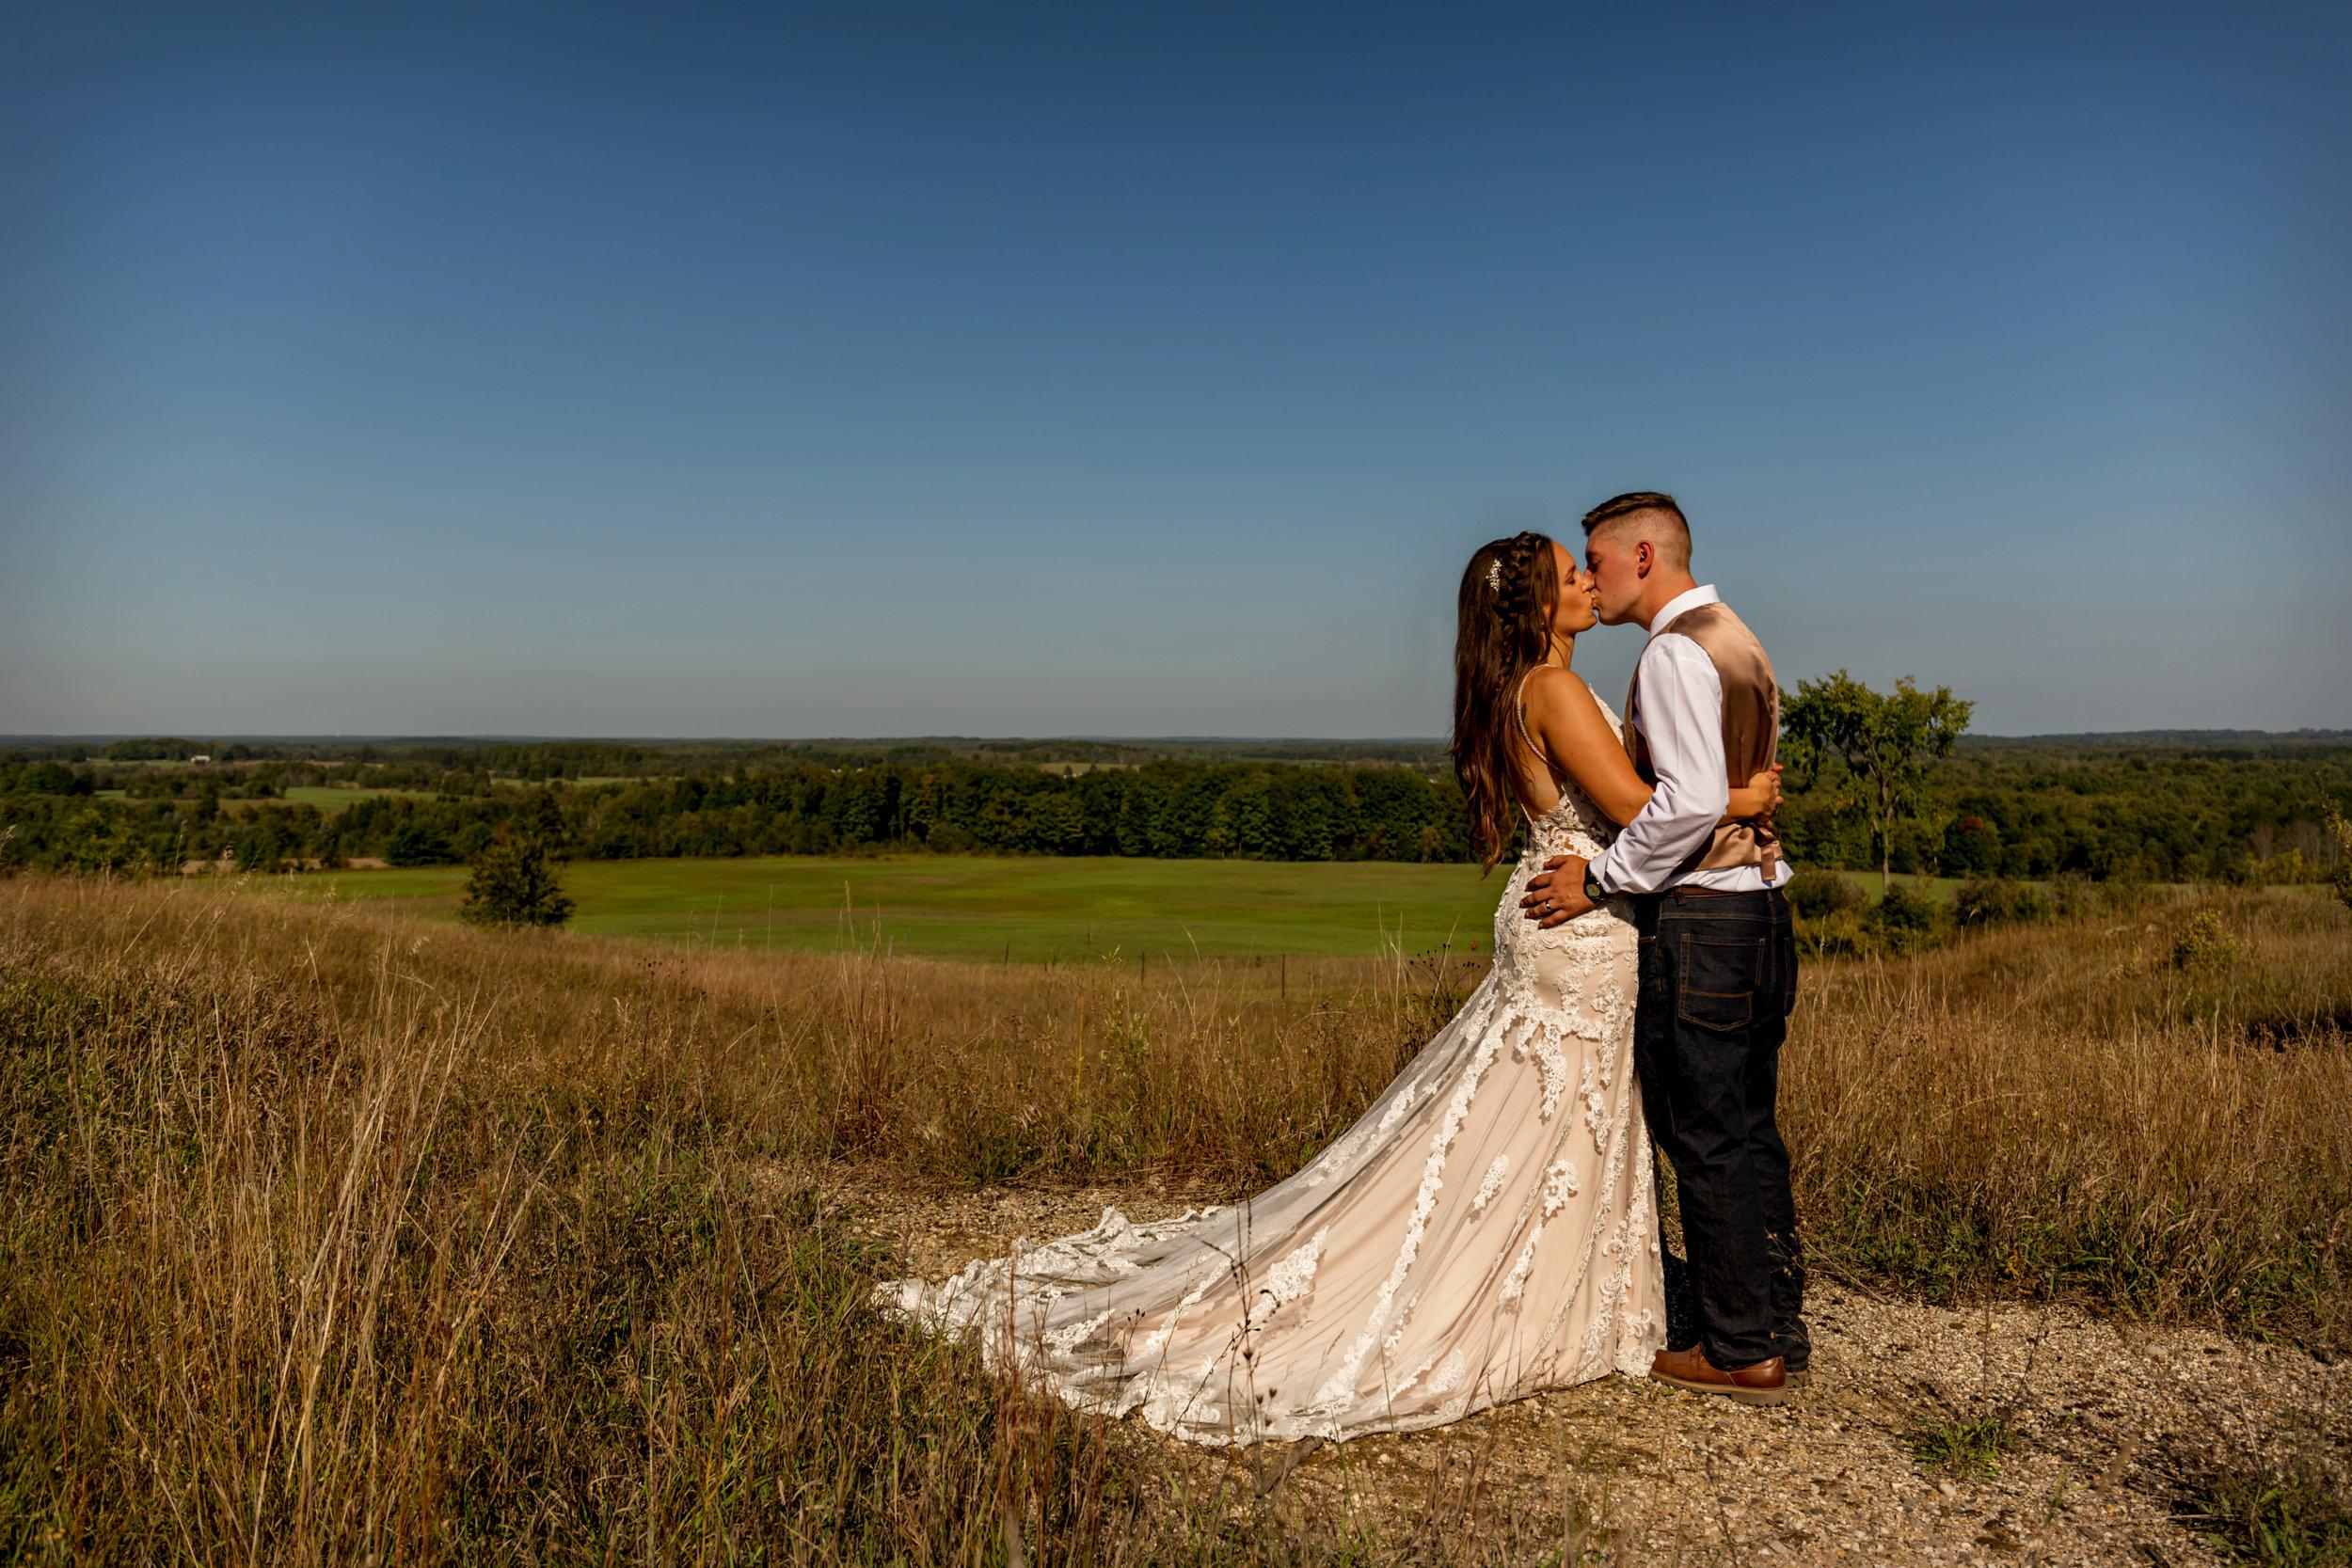 Brettschneider Wedding 9.15.2018 Manton, Michigan.